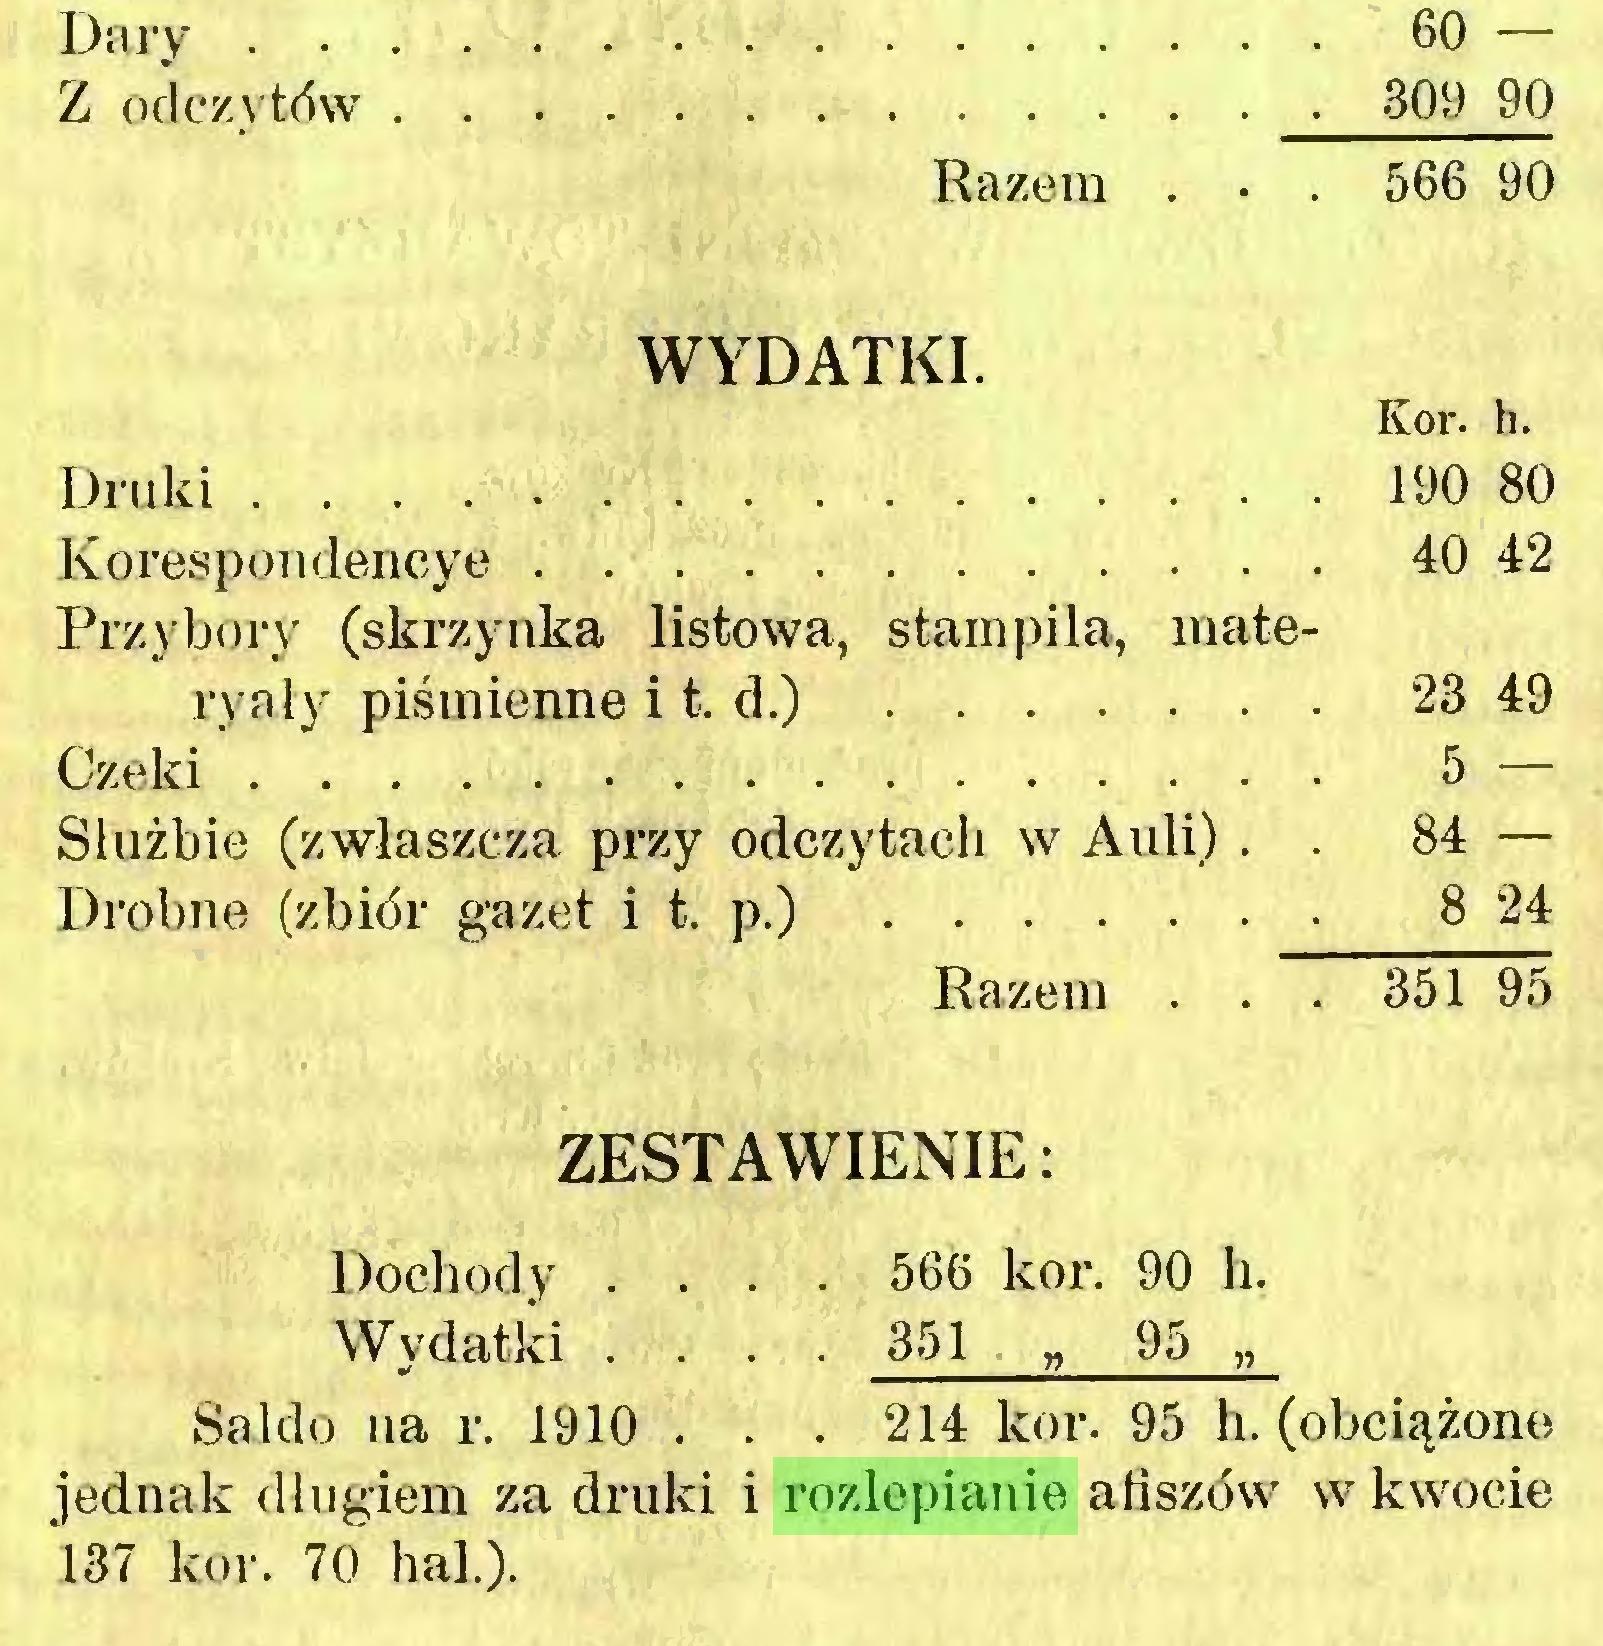 """(...) Wydatki ... 351 """" 95 """" Saldo na r. 1910 . . . 214 kor. 95 h. (obciążone jednak długiem za druki i rozlepianie afiszów w kwocie *137 kor. 70 hal.). SPIS CZŁONKÓW..."""